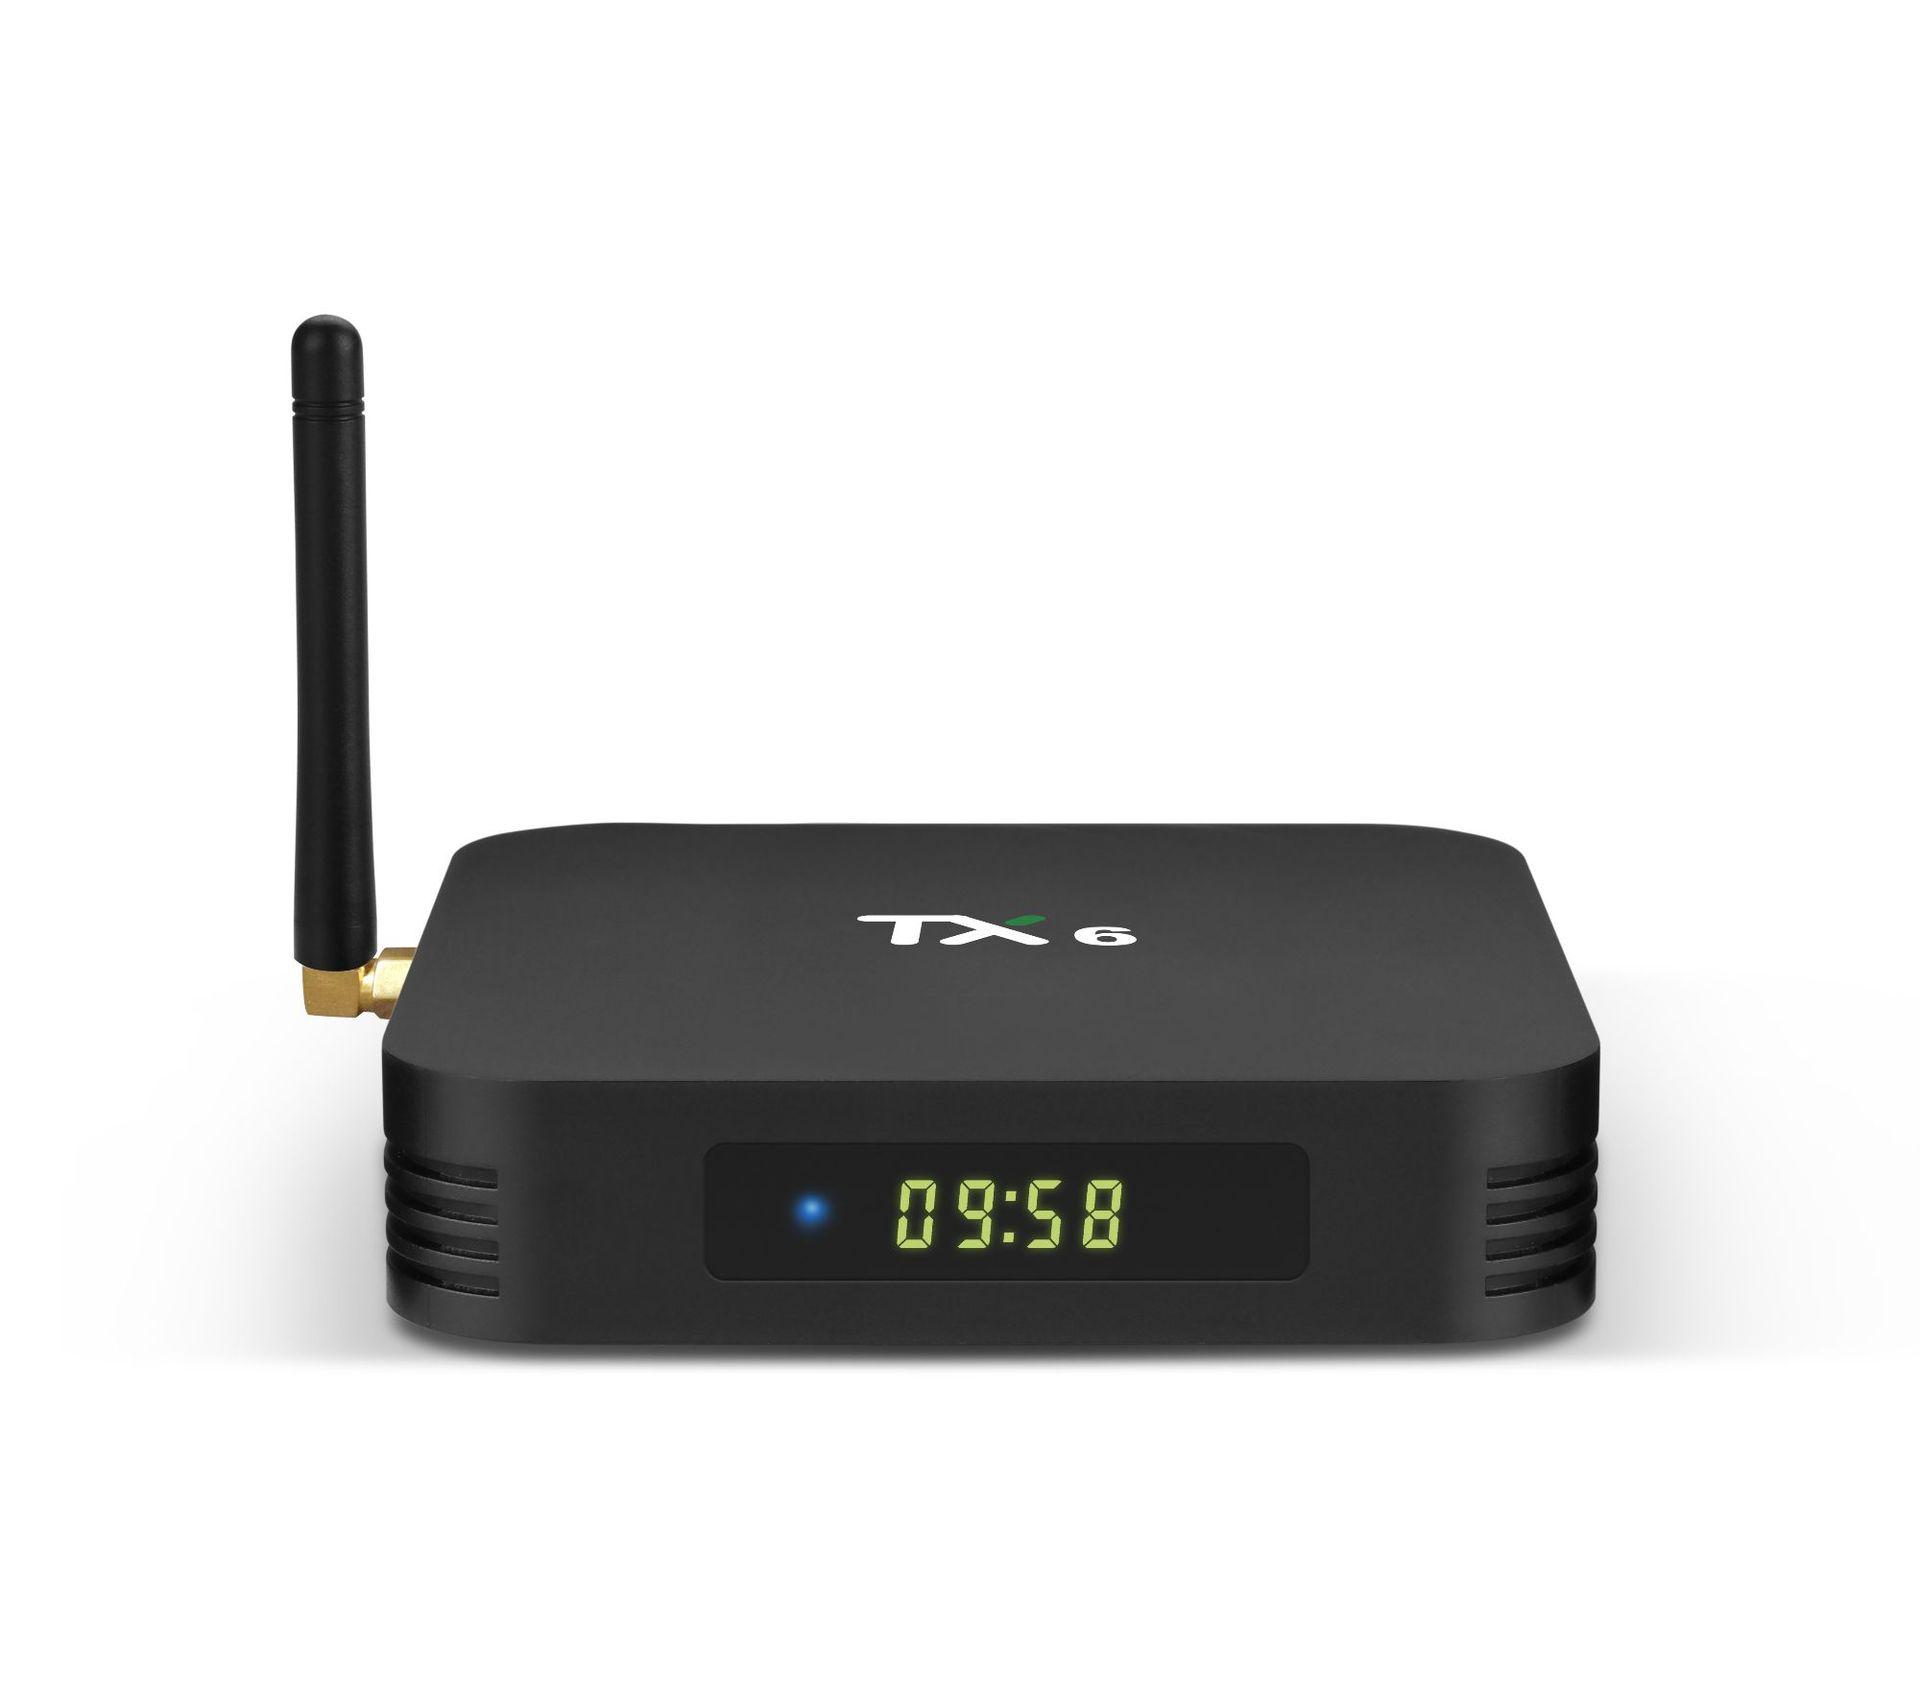 Thiết bị kết nối Internet cho TV Q BOX Trình phát mạng Android TV Box TV BOX Quanshi H6 4G / 64/32 W